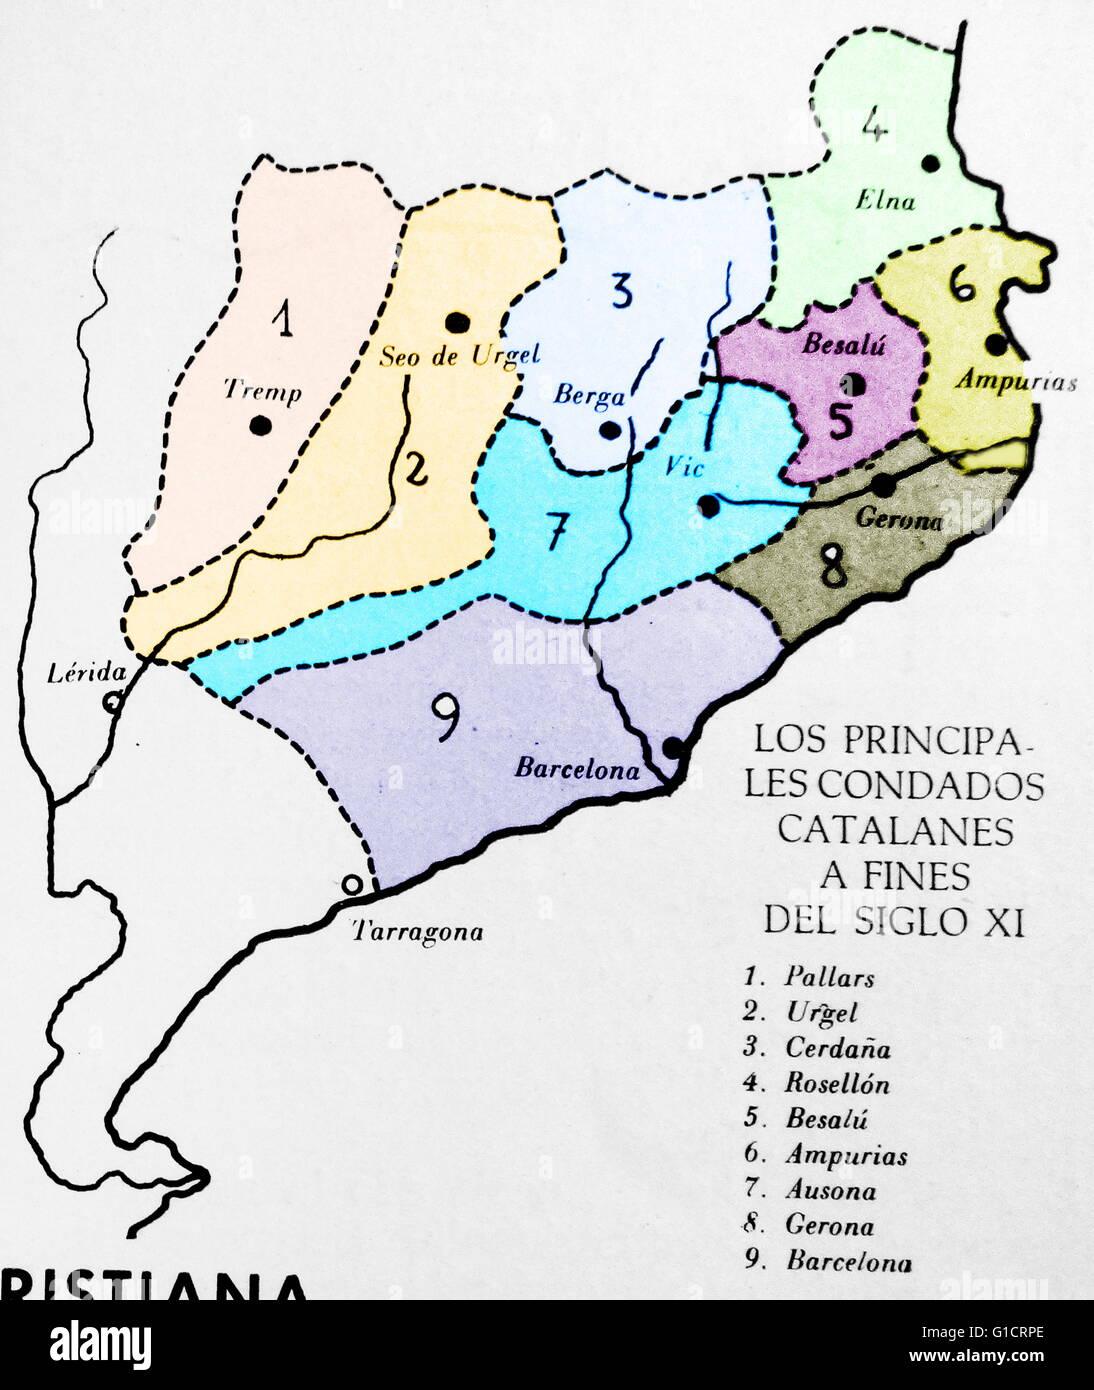 Fürsten- und Herzogtümern von Katalonien am Ende des XI. Jahrhunderts Stockbild